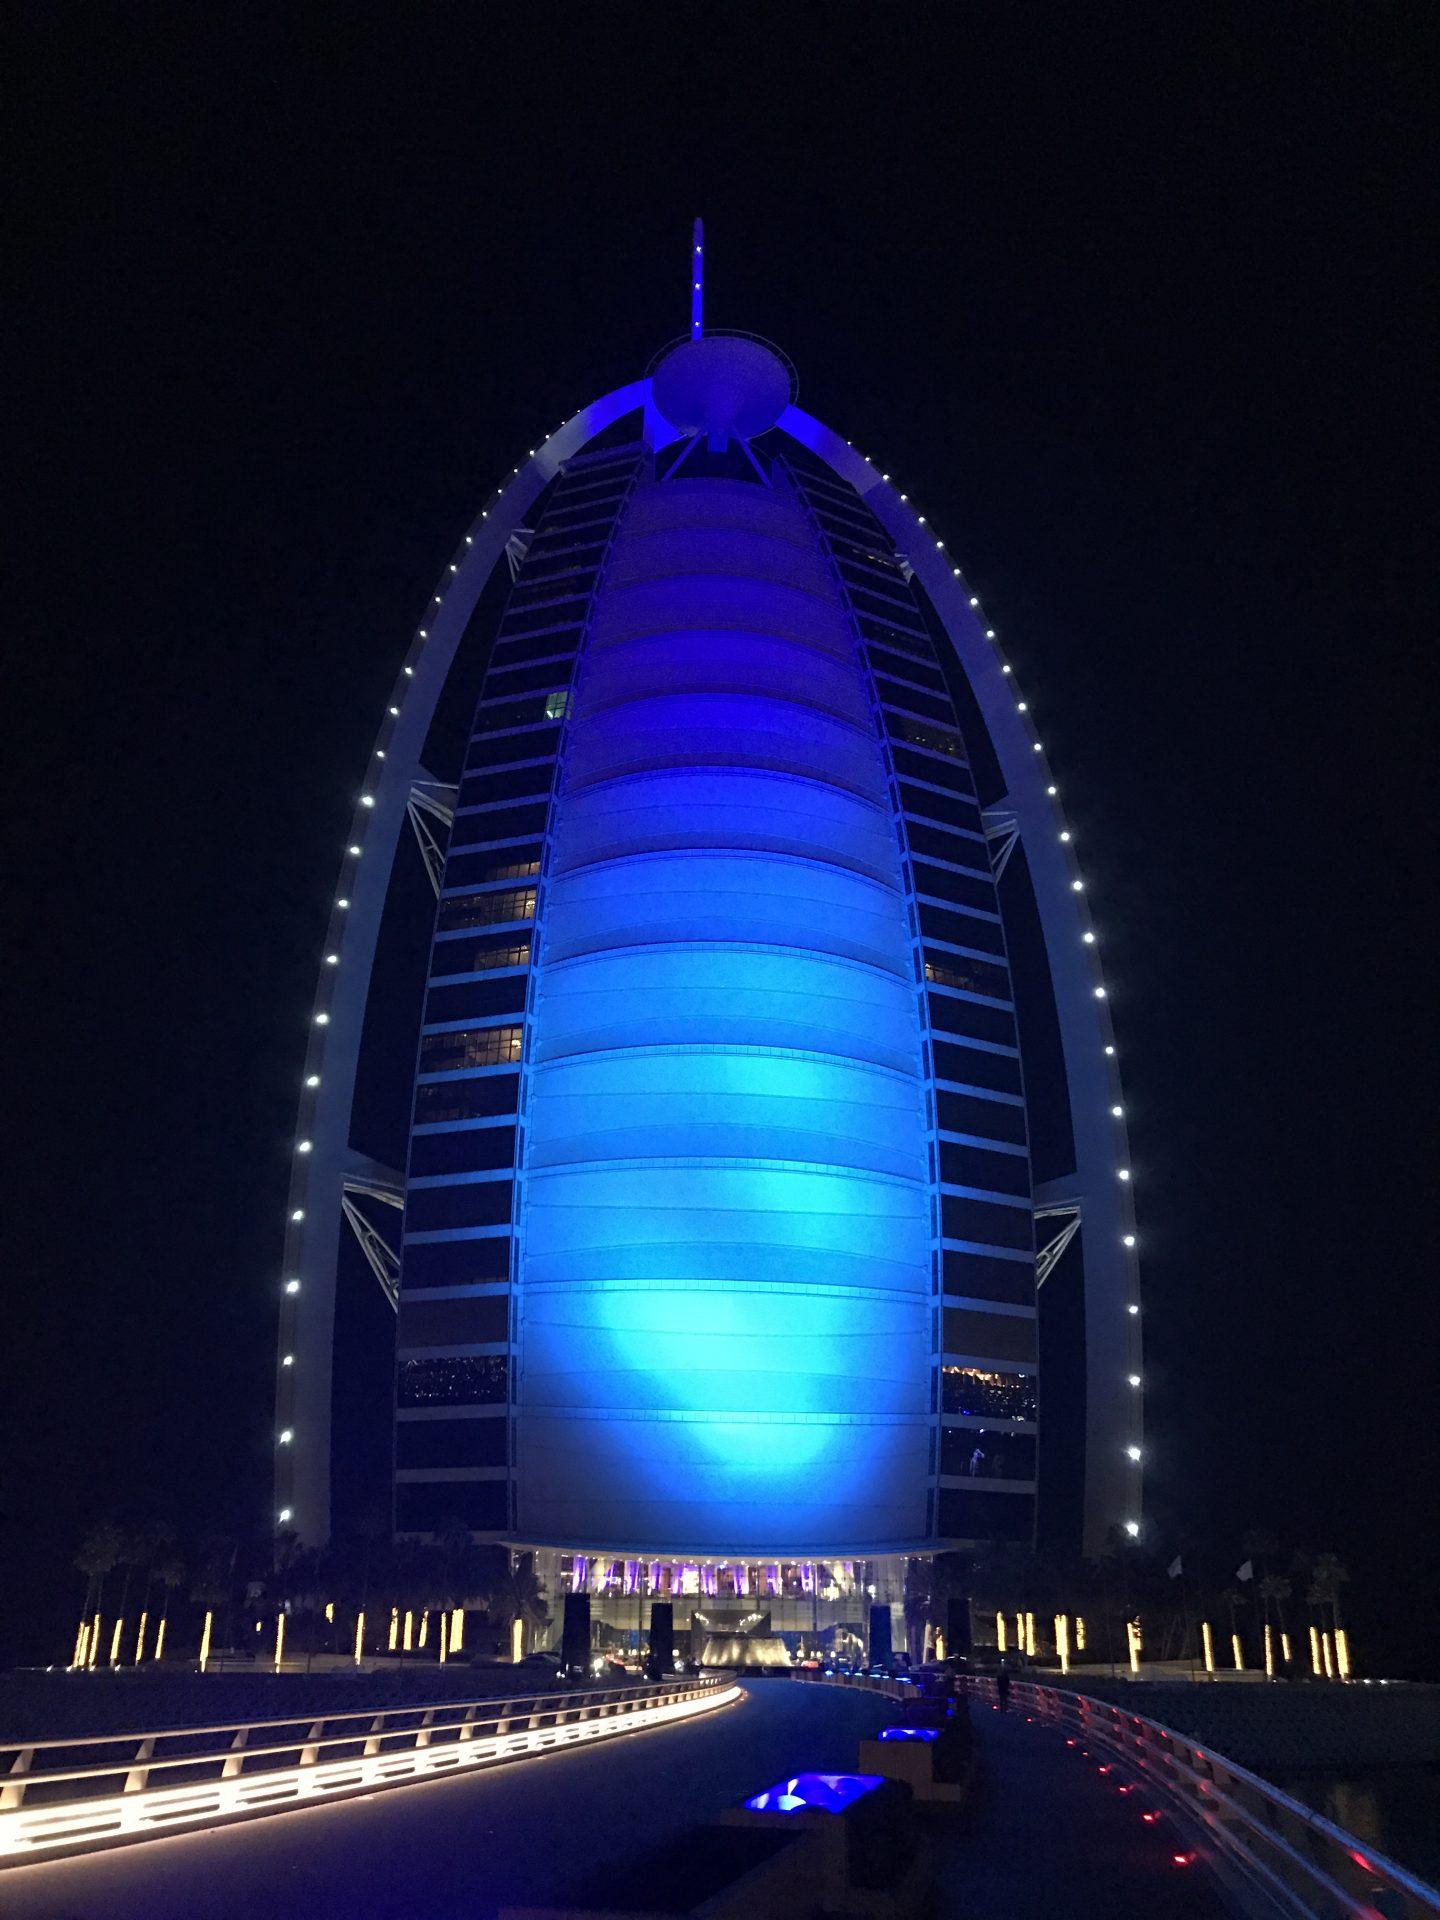 Review: Junsui restaurant, Burj al Arab